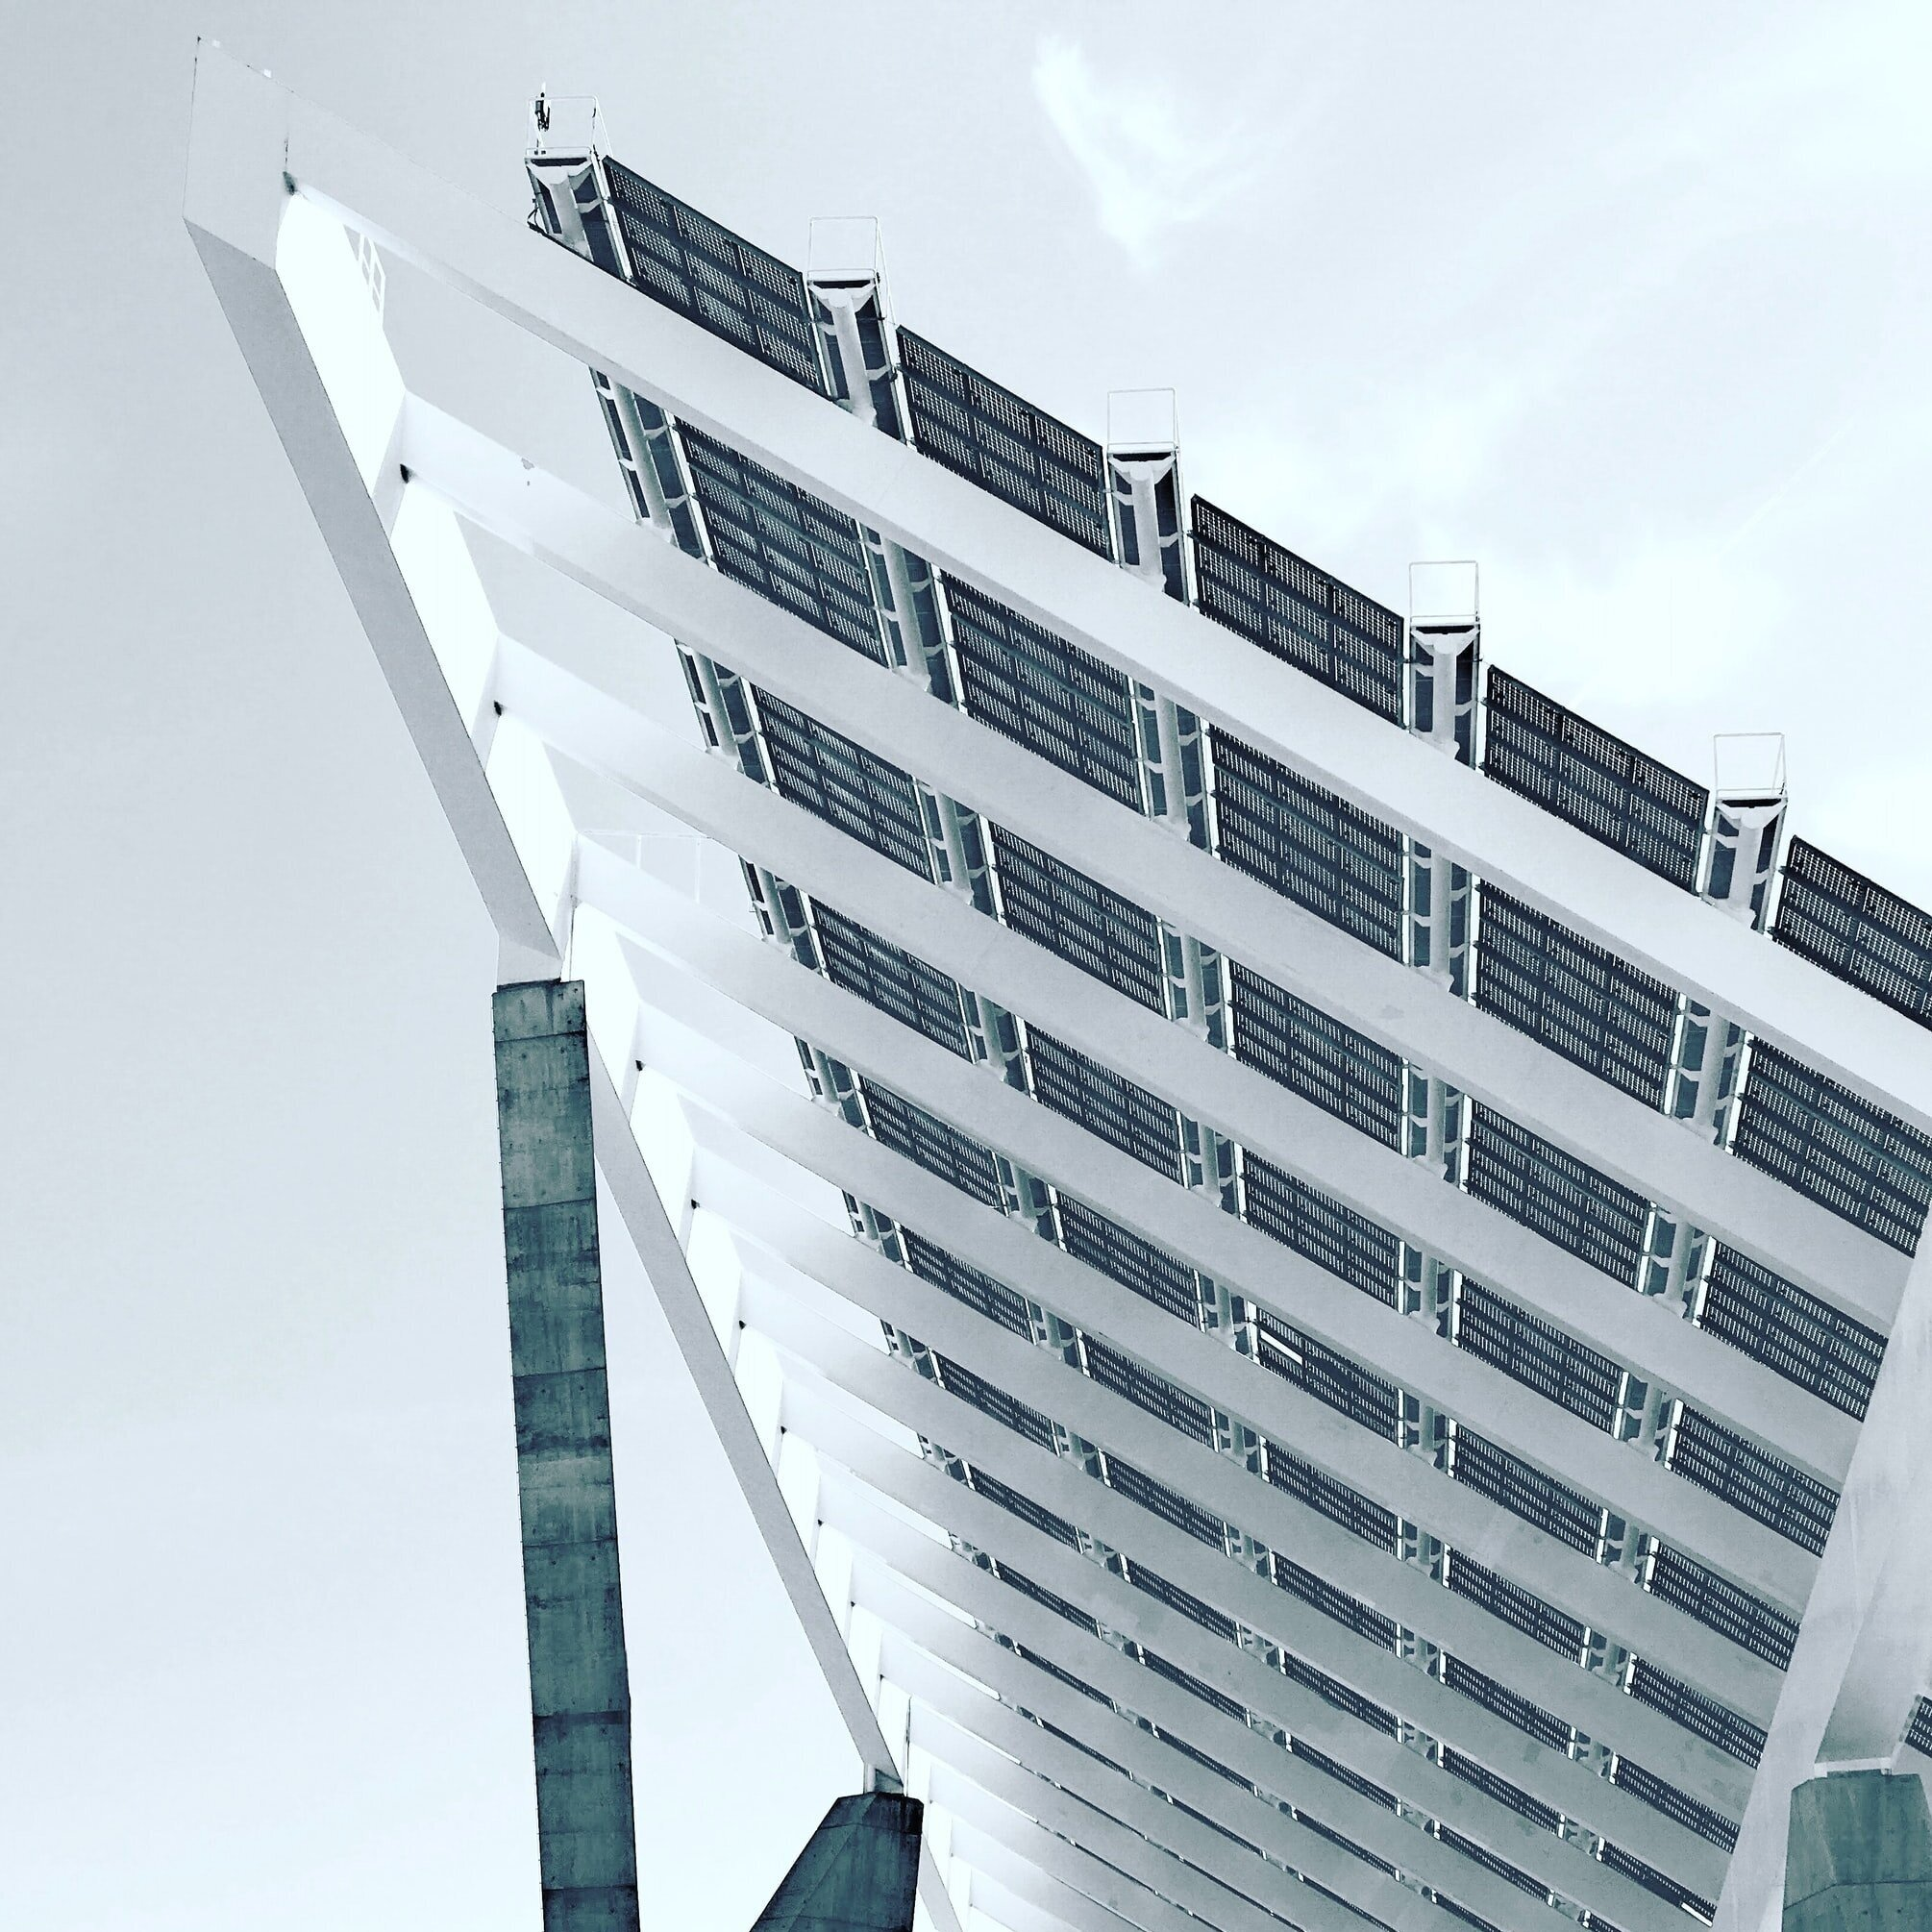 太阳能亚特兰大-市政项目(进行中),2017年10月, 金融城与樱桃街能源公司(Cherry Street Energy)签订了一份合同,为金融城所有的房产安装太阳能电池板, 使之成为乔治亚州最大的市政项目. 该计划中包括的设施是在对太阳能潜力进行广泛审查后选定的, 财务可行性, 和结构完整性. 这些装置是通过太阳能采购协议(SEPA)实现的,该协议允许亚特兰大市无需预付费用就能获得太阳能.